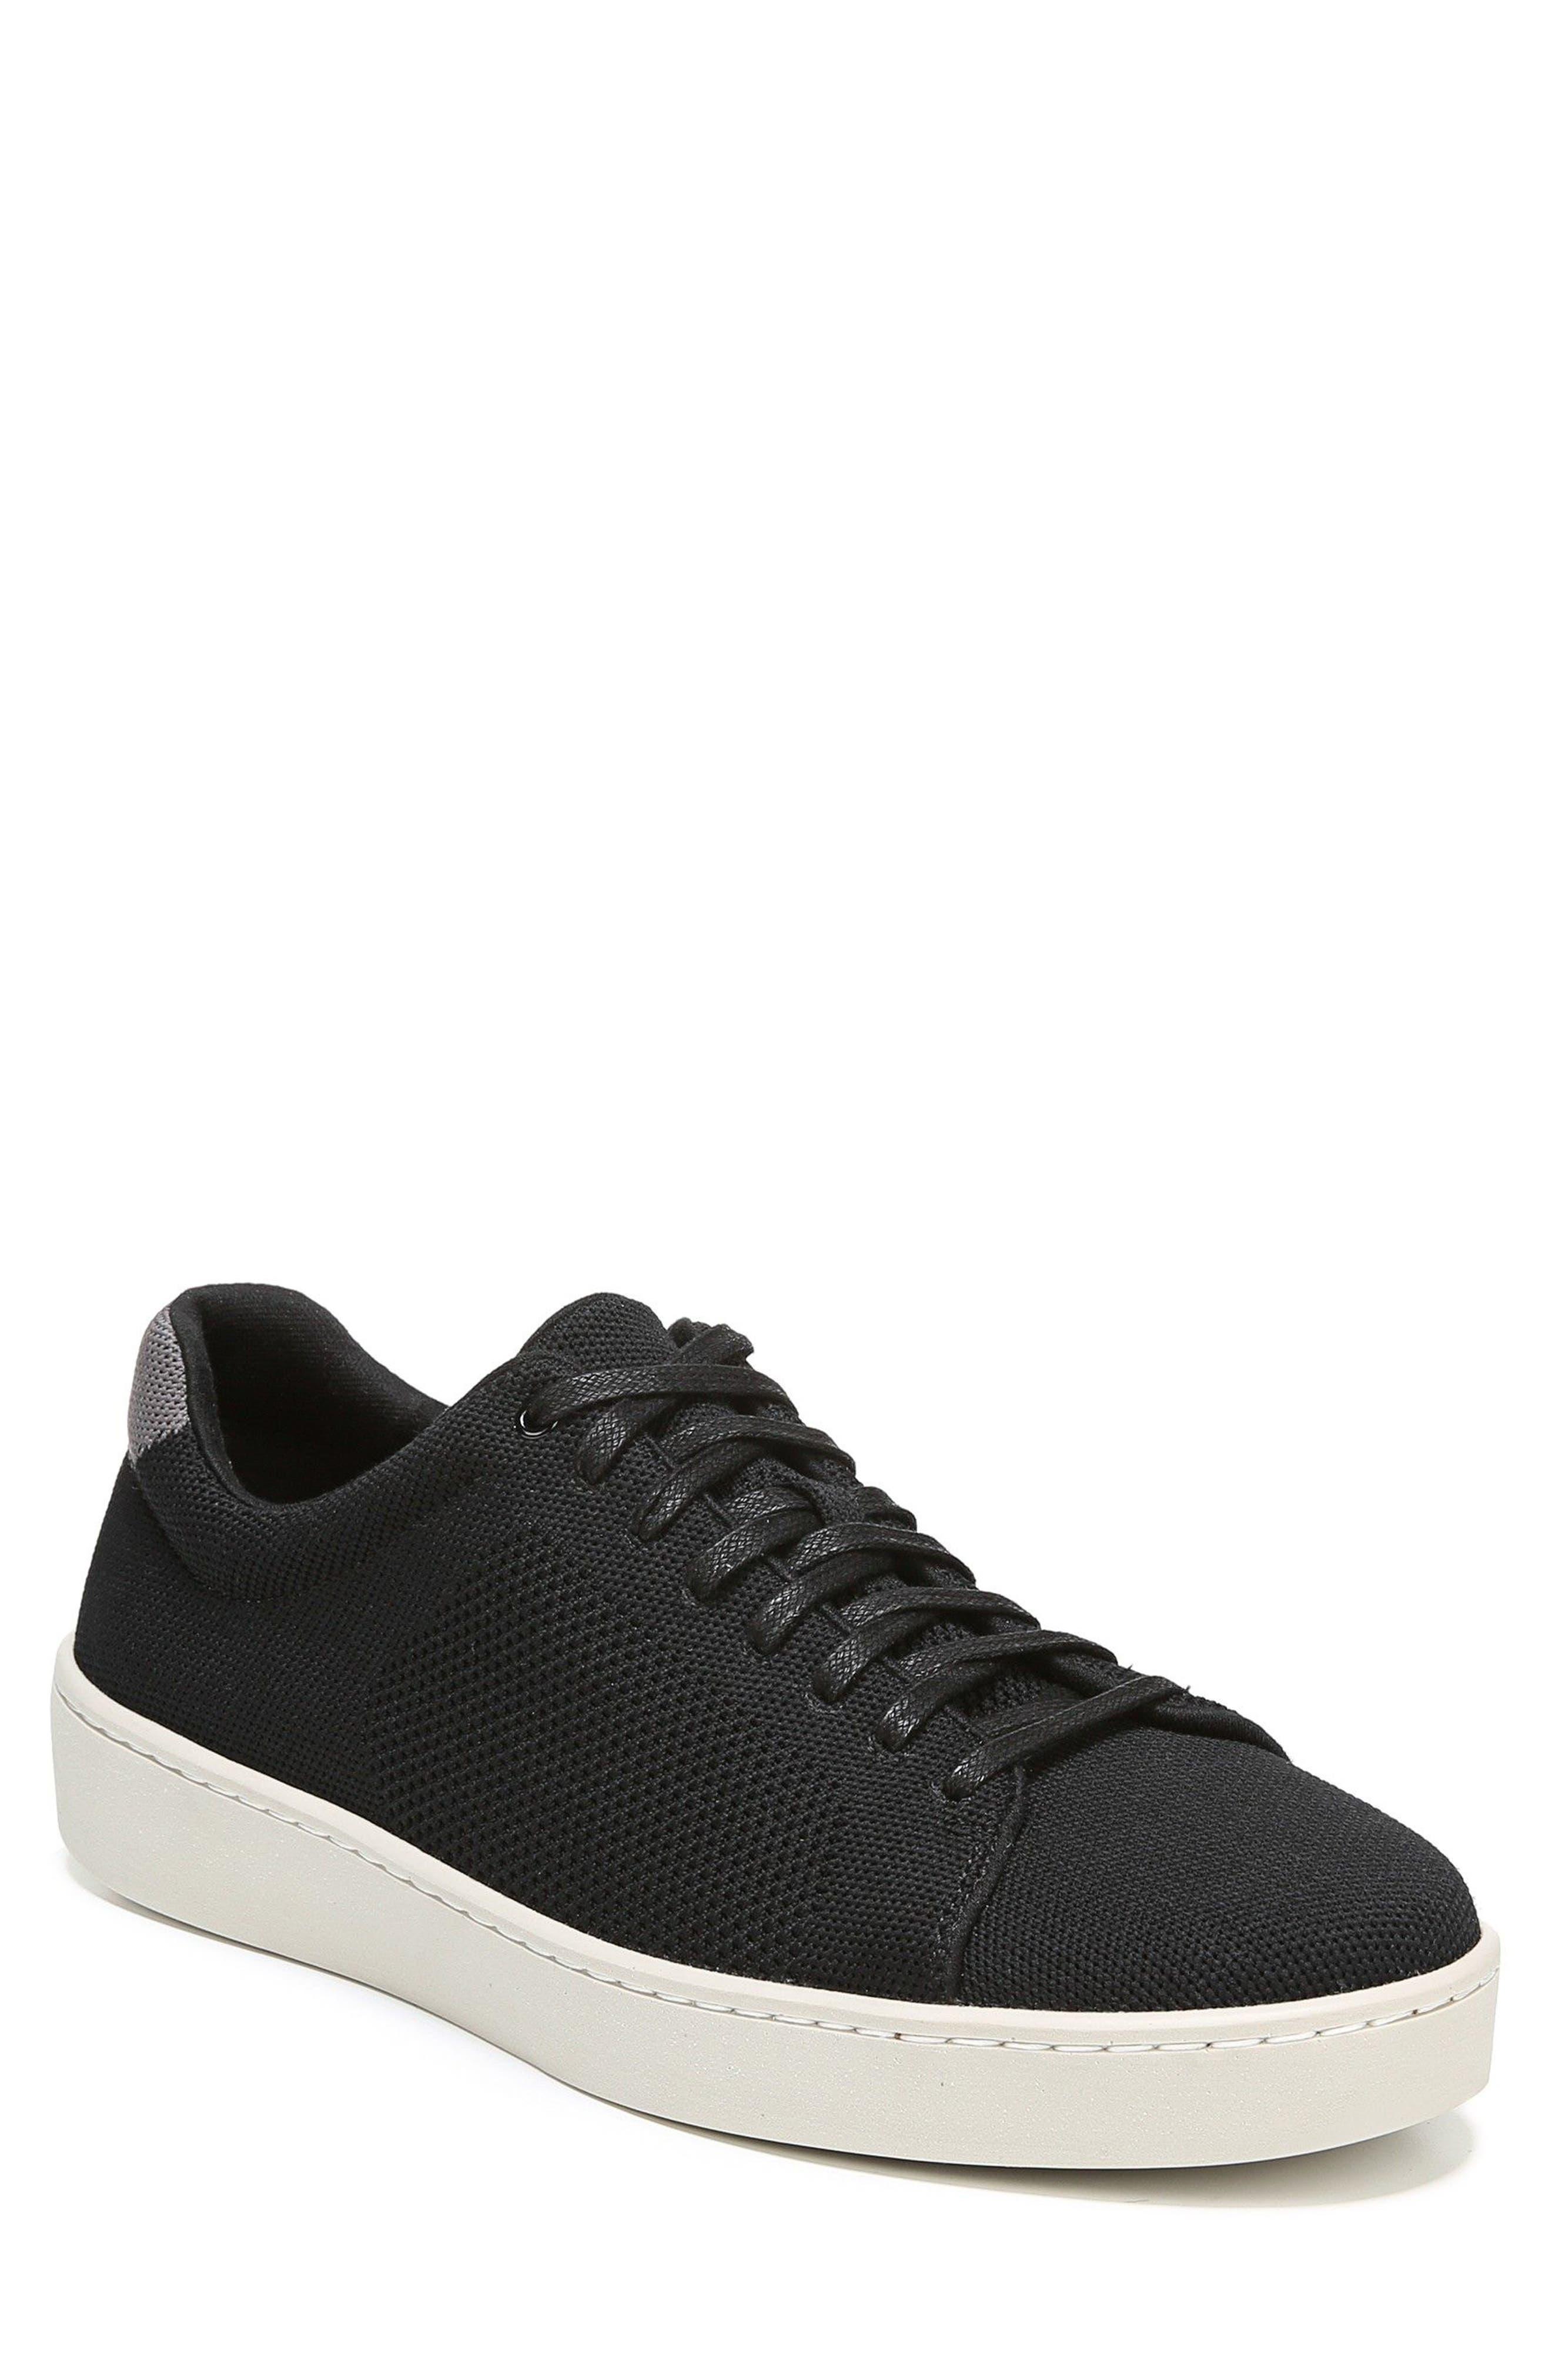 Silos Knit Low Top Sneaker,                         Main,                         color, Black/ Graphite